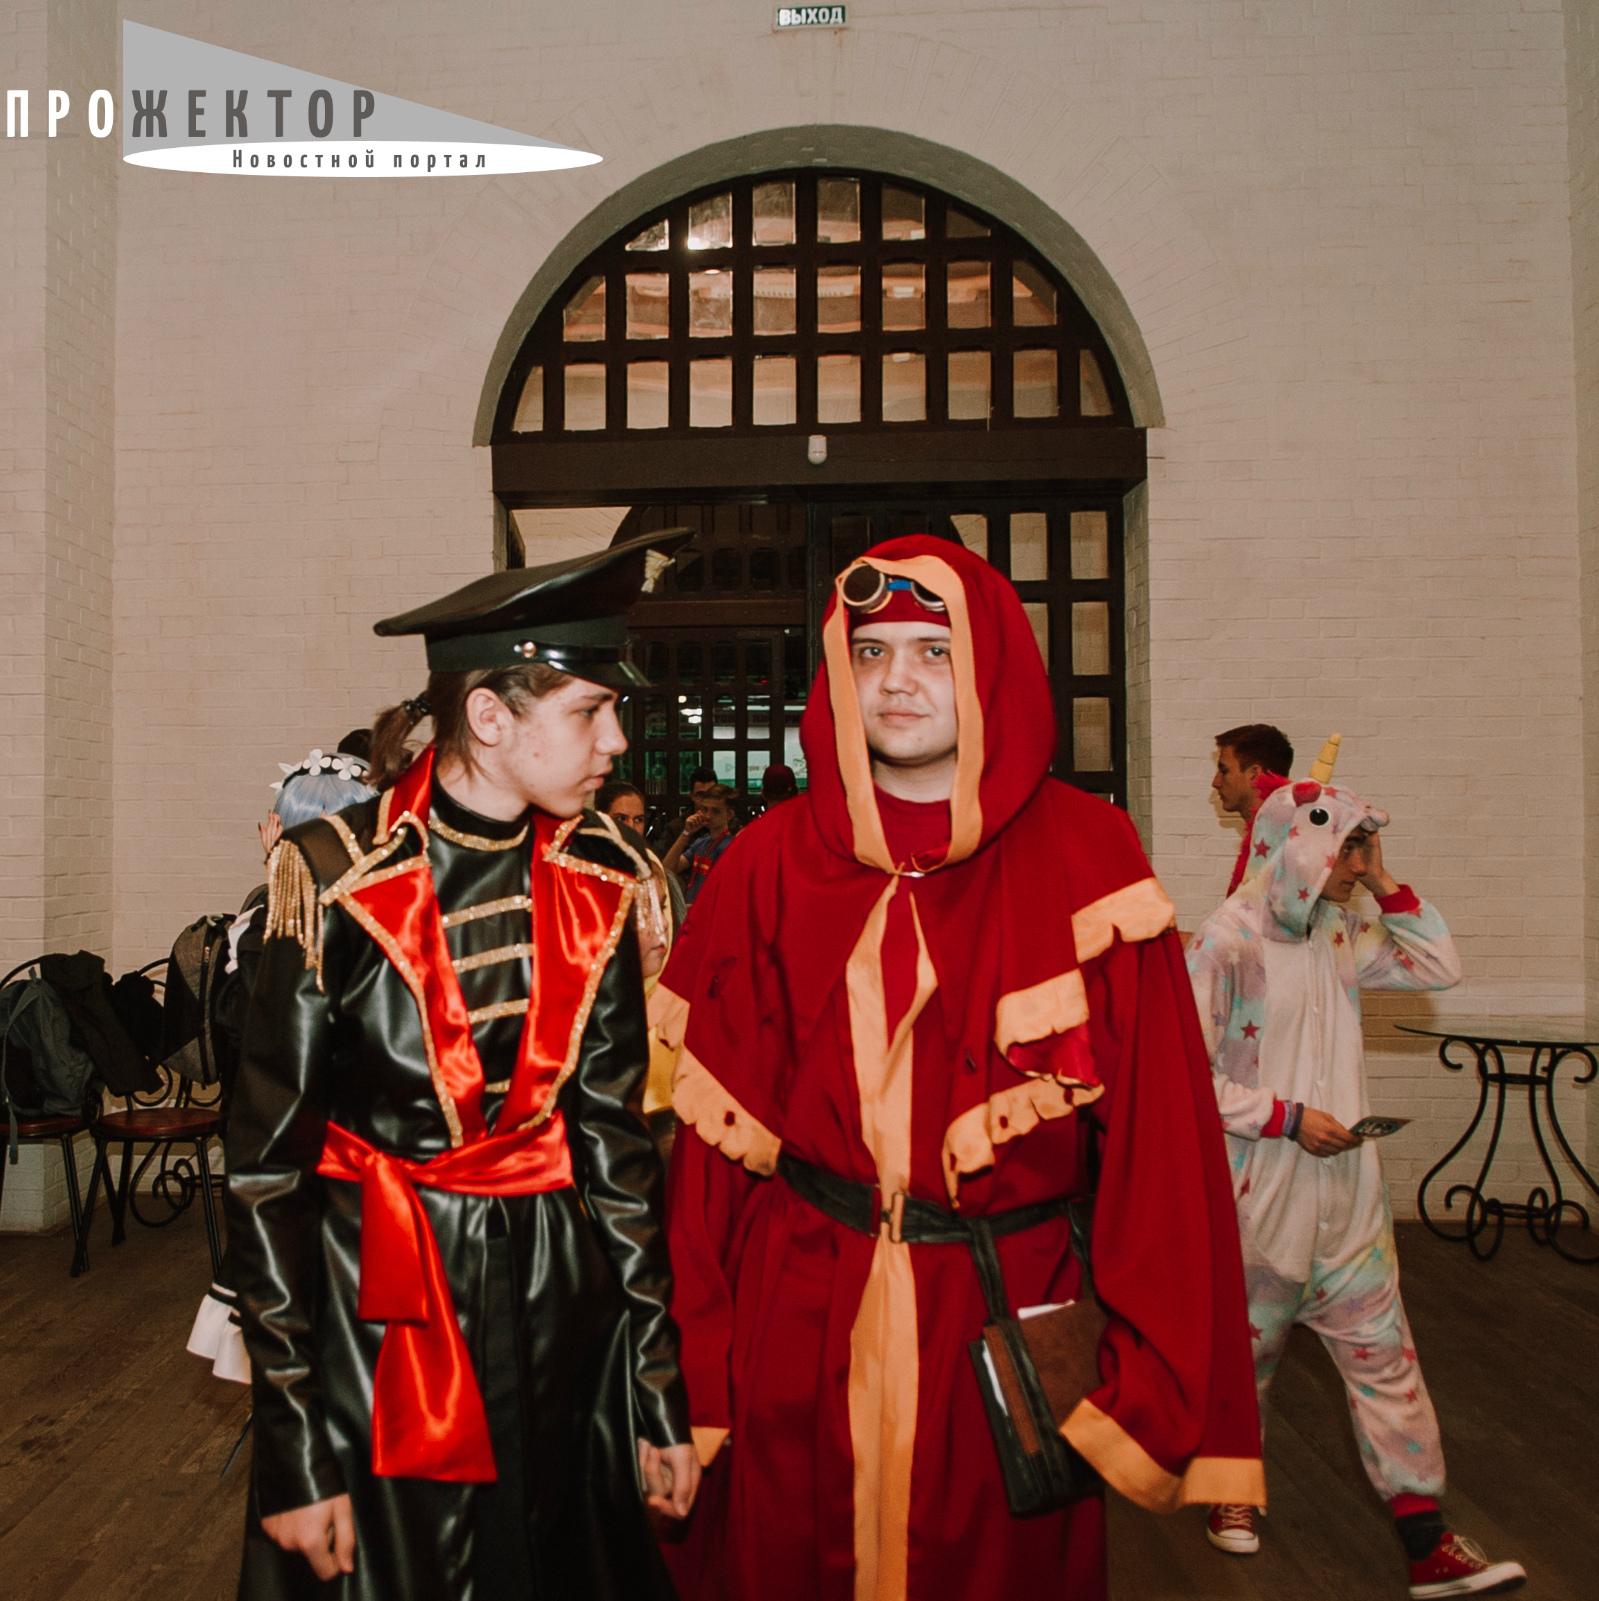 В Астрахани прошёл 4-й фестиваль гик-культуры. Фоторепортаж